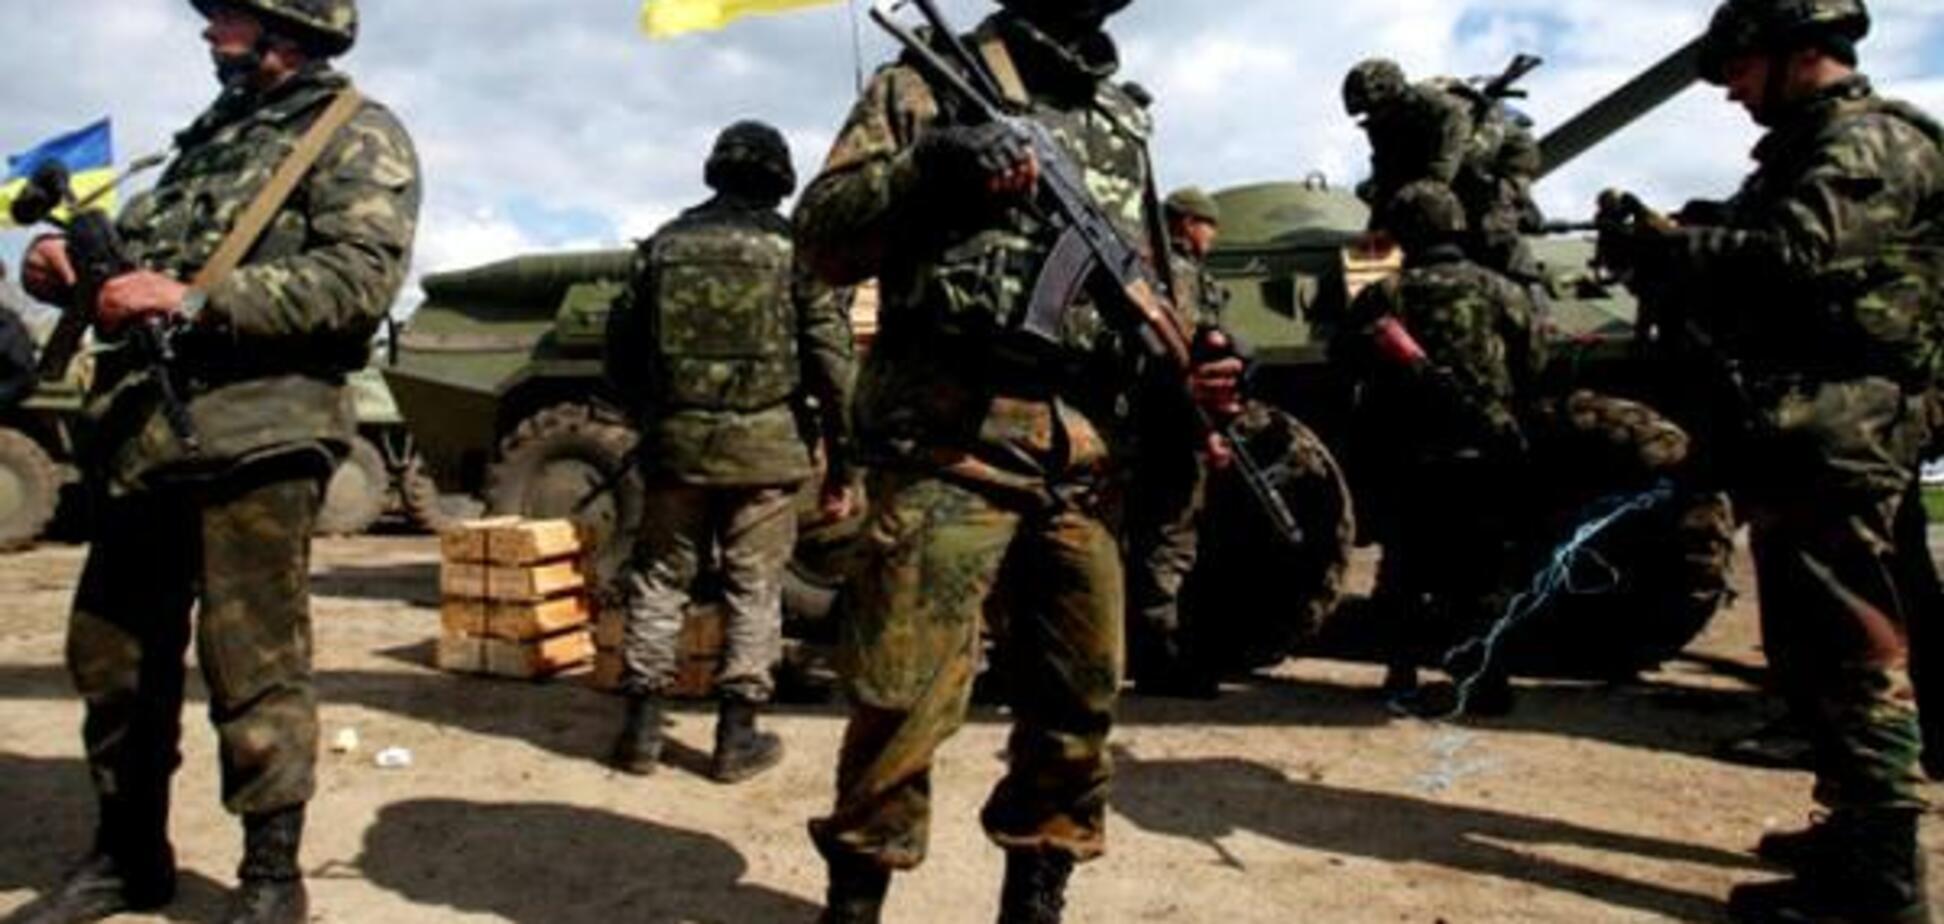 'У нас є честь і присяга': на Донбасі загинув героїчний офіцер ЗСУ